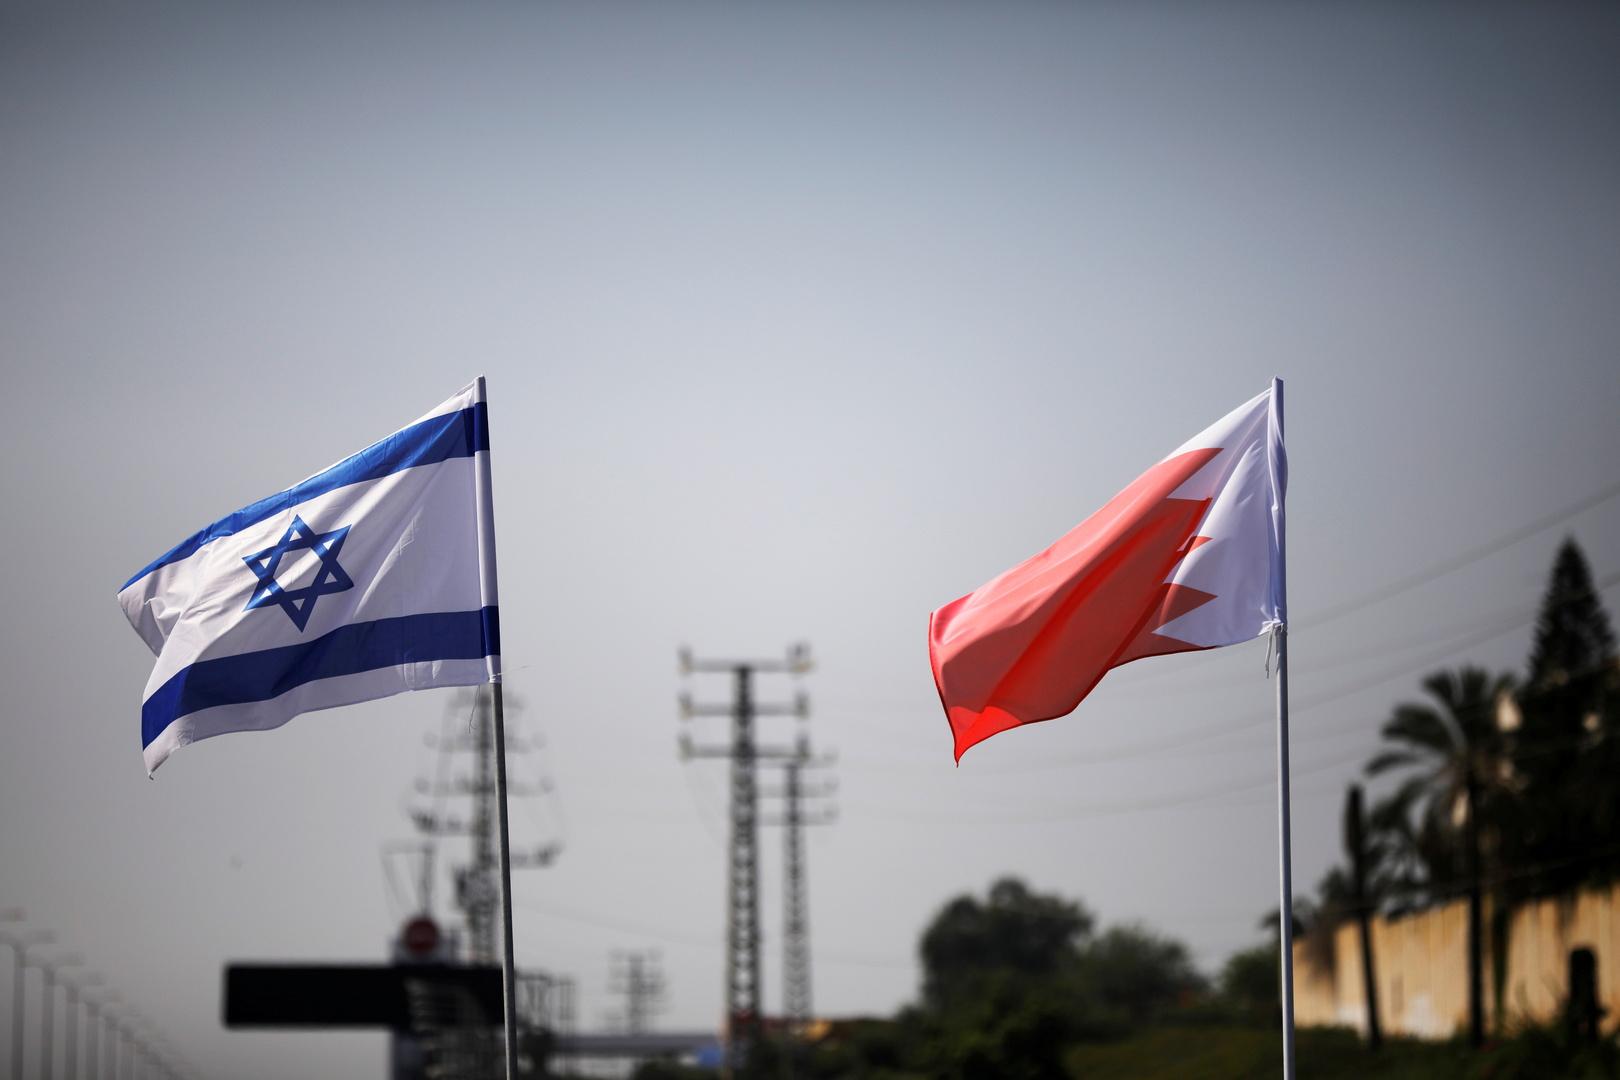 تقرير إسرائيلي: تل أبيب وعمان تعملان على دفع مشاريع مشتركة